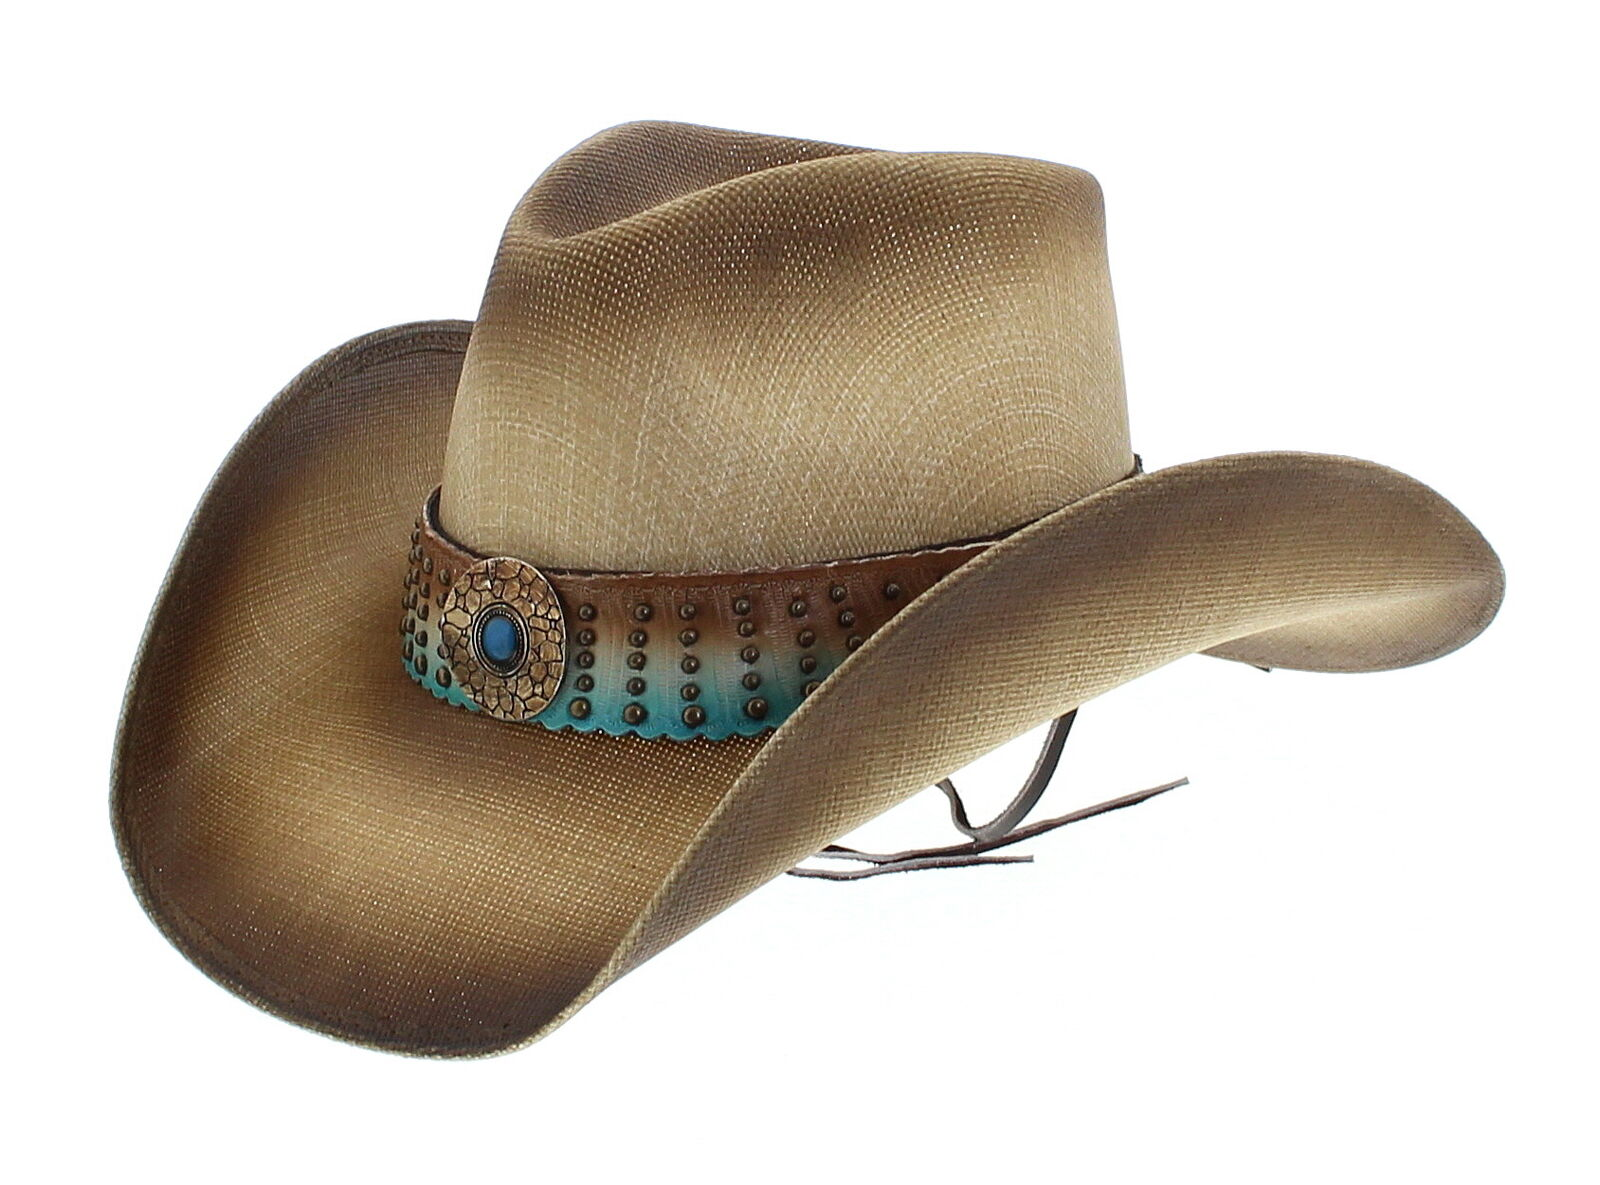 Dallas Hats Ellie natural señora sombrero vaquero damenhut damenhut damenhut vaquero canvas sombrero  barato